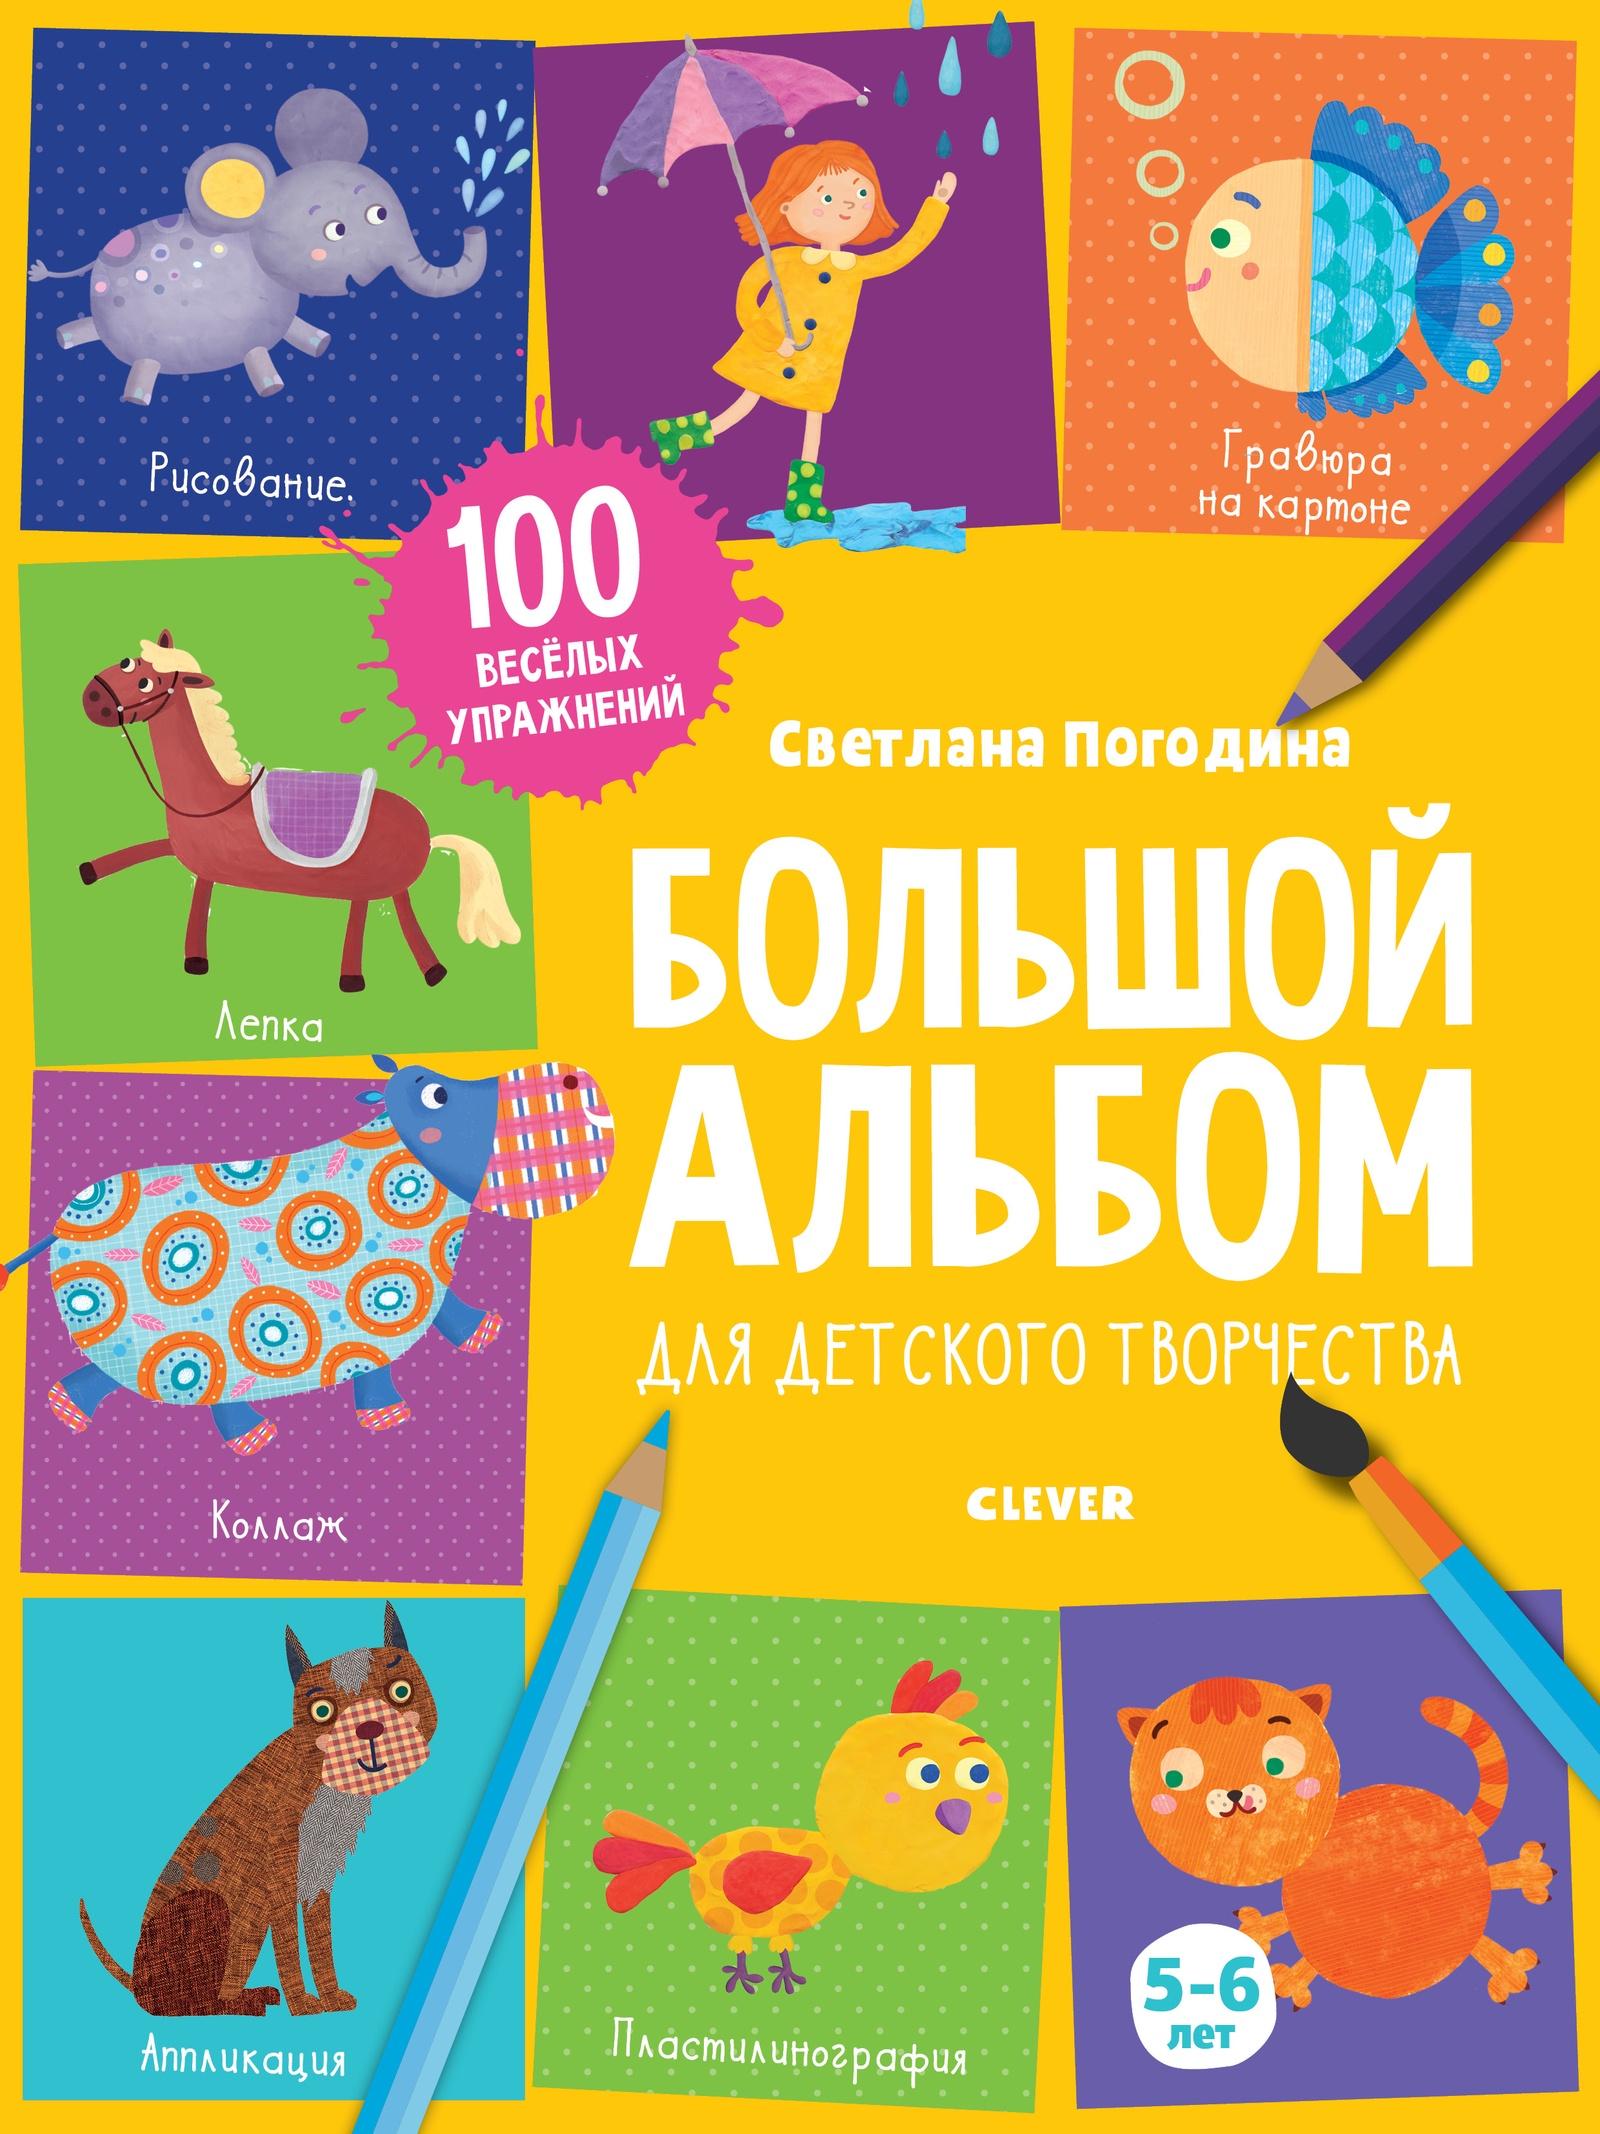 Погодина С. Большой альбом для детского творчества. 5-6 лет погодина с большой альбом для детского творчества 5 6 лет